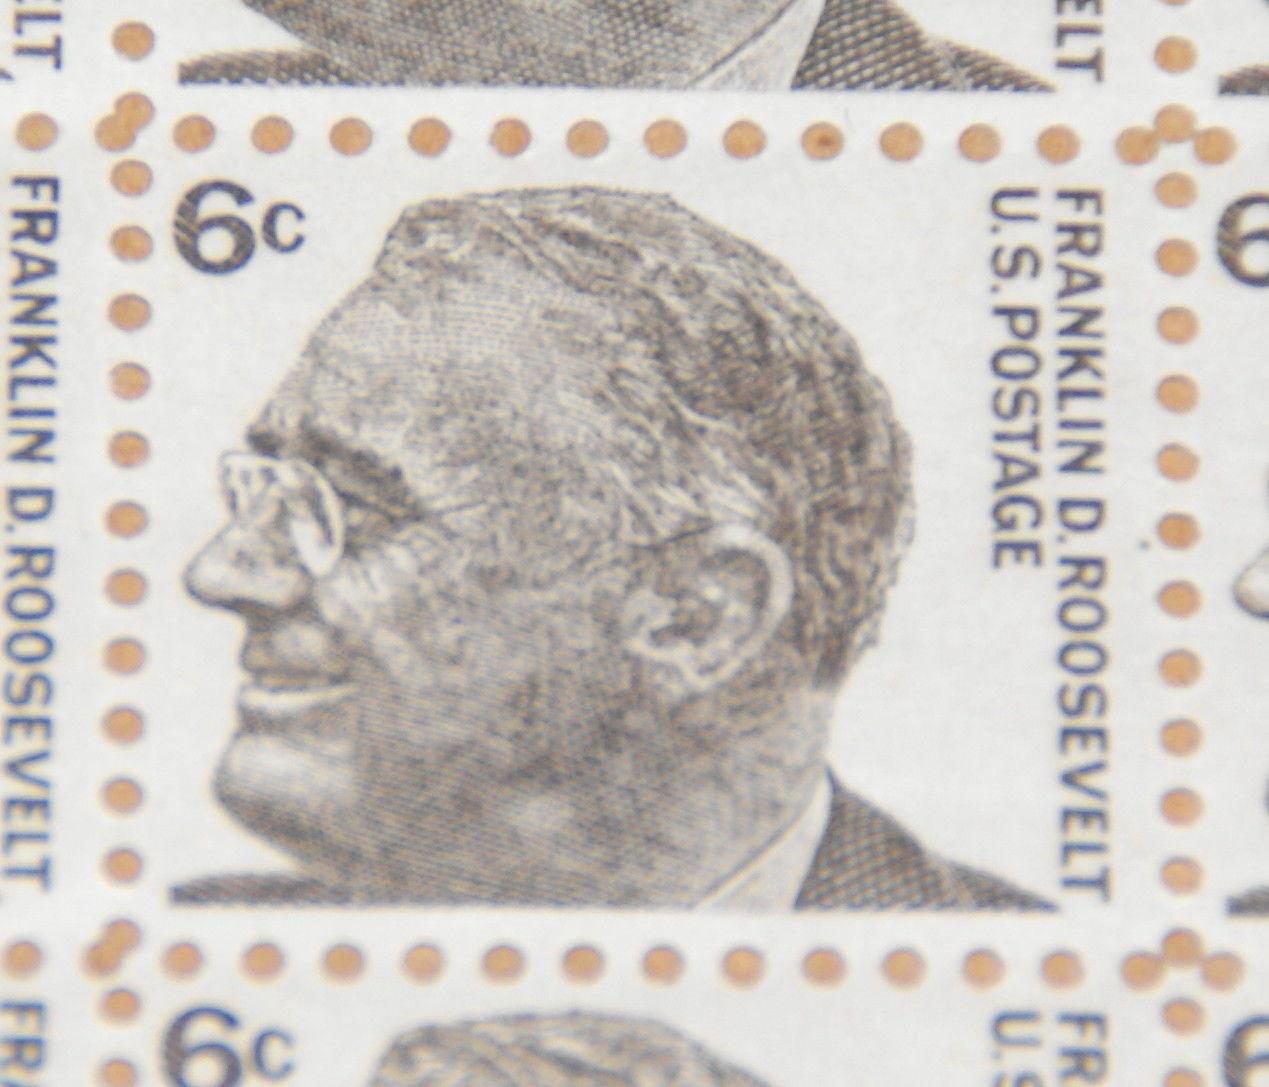 1966 6 Cent Franklin D Roosevelt Sheet Of Stamps Sc 1284 HipStamp